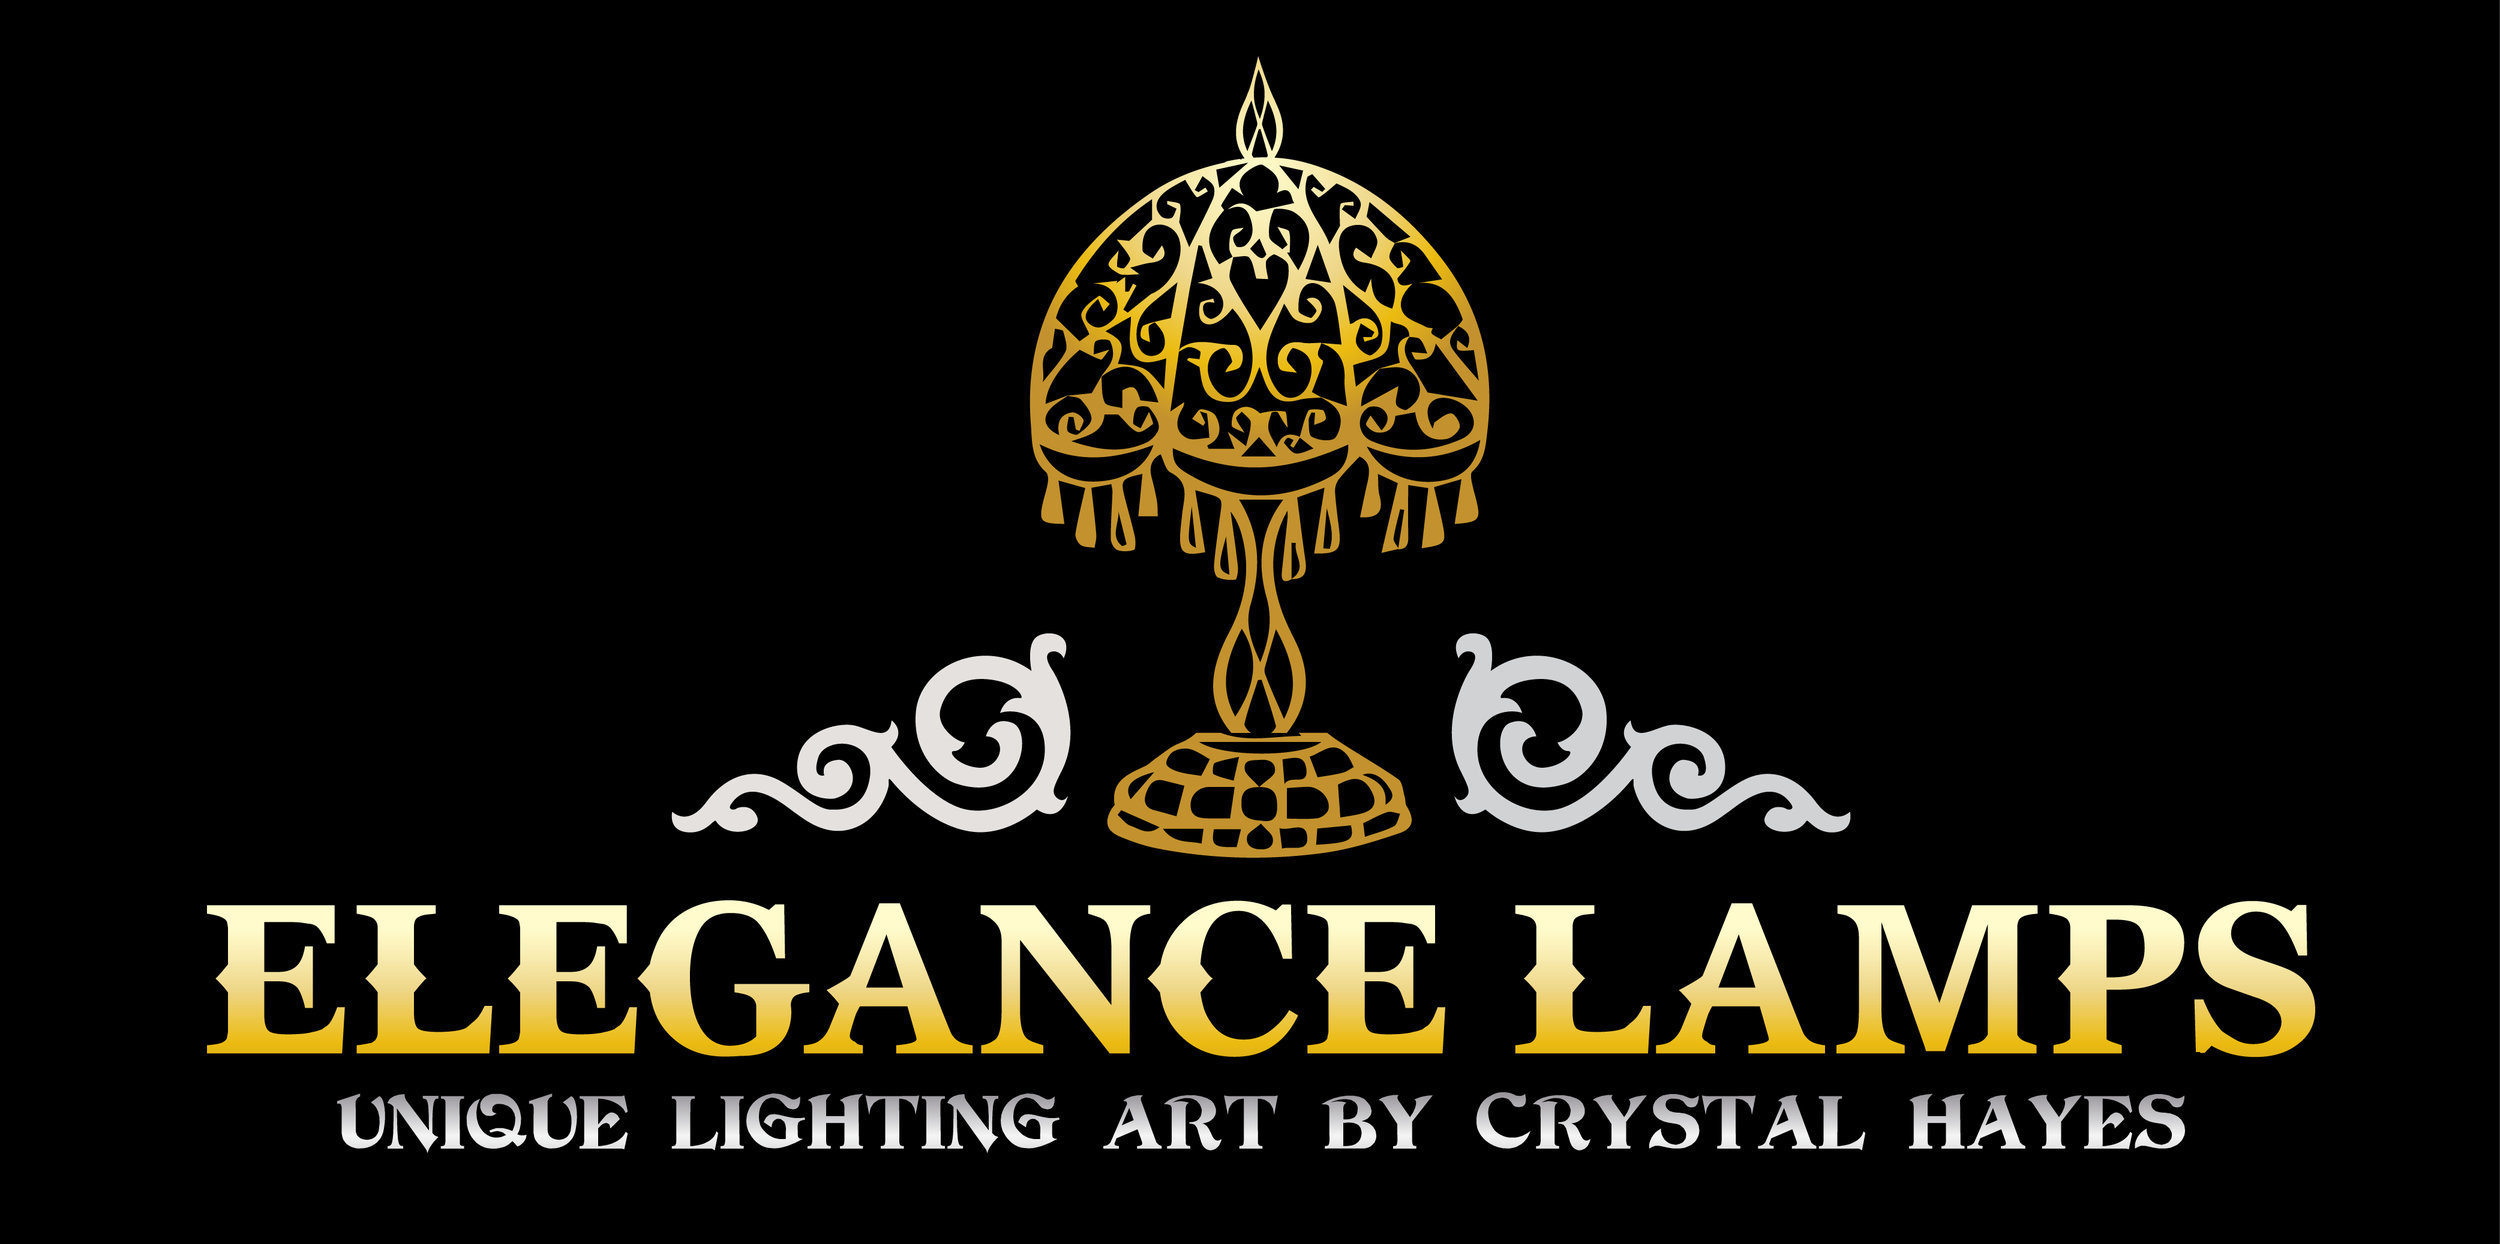 Elegance Lamps_logo_JPG.jpg